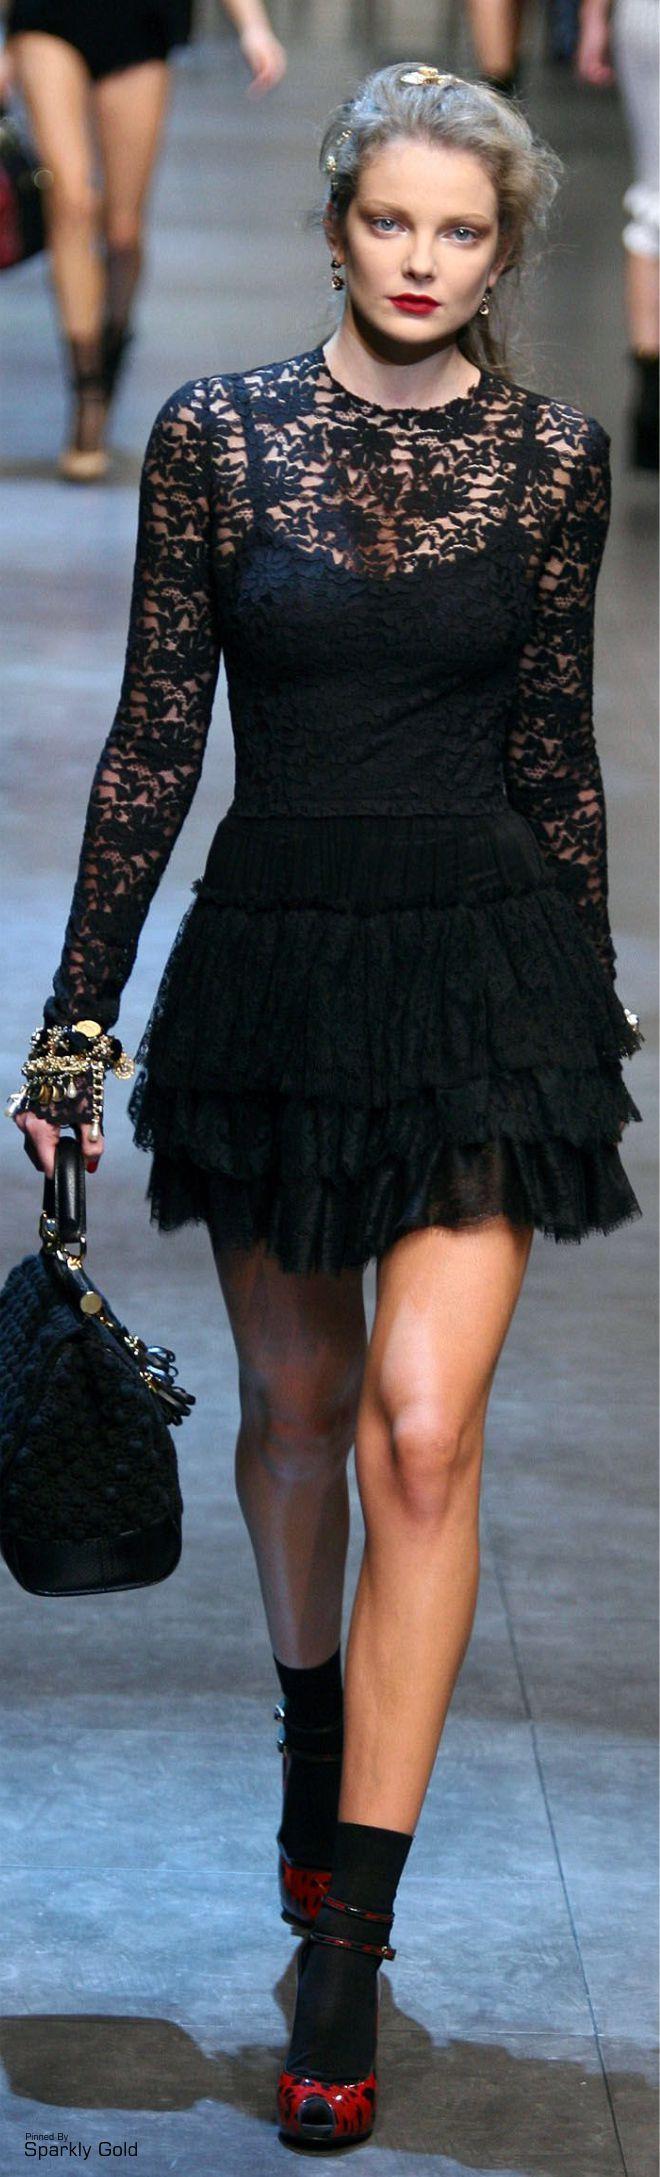 Dolce & Gabbana S/S 2010